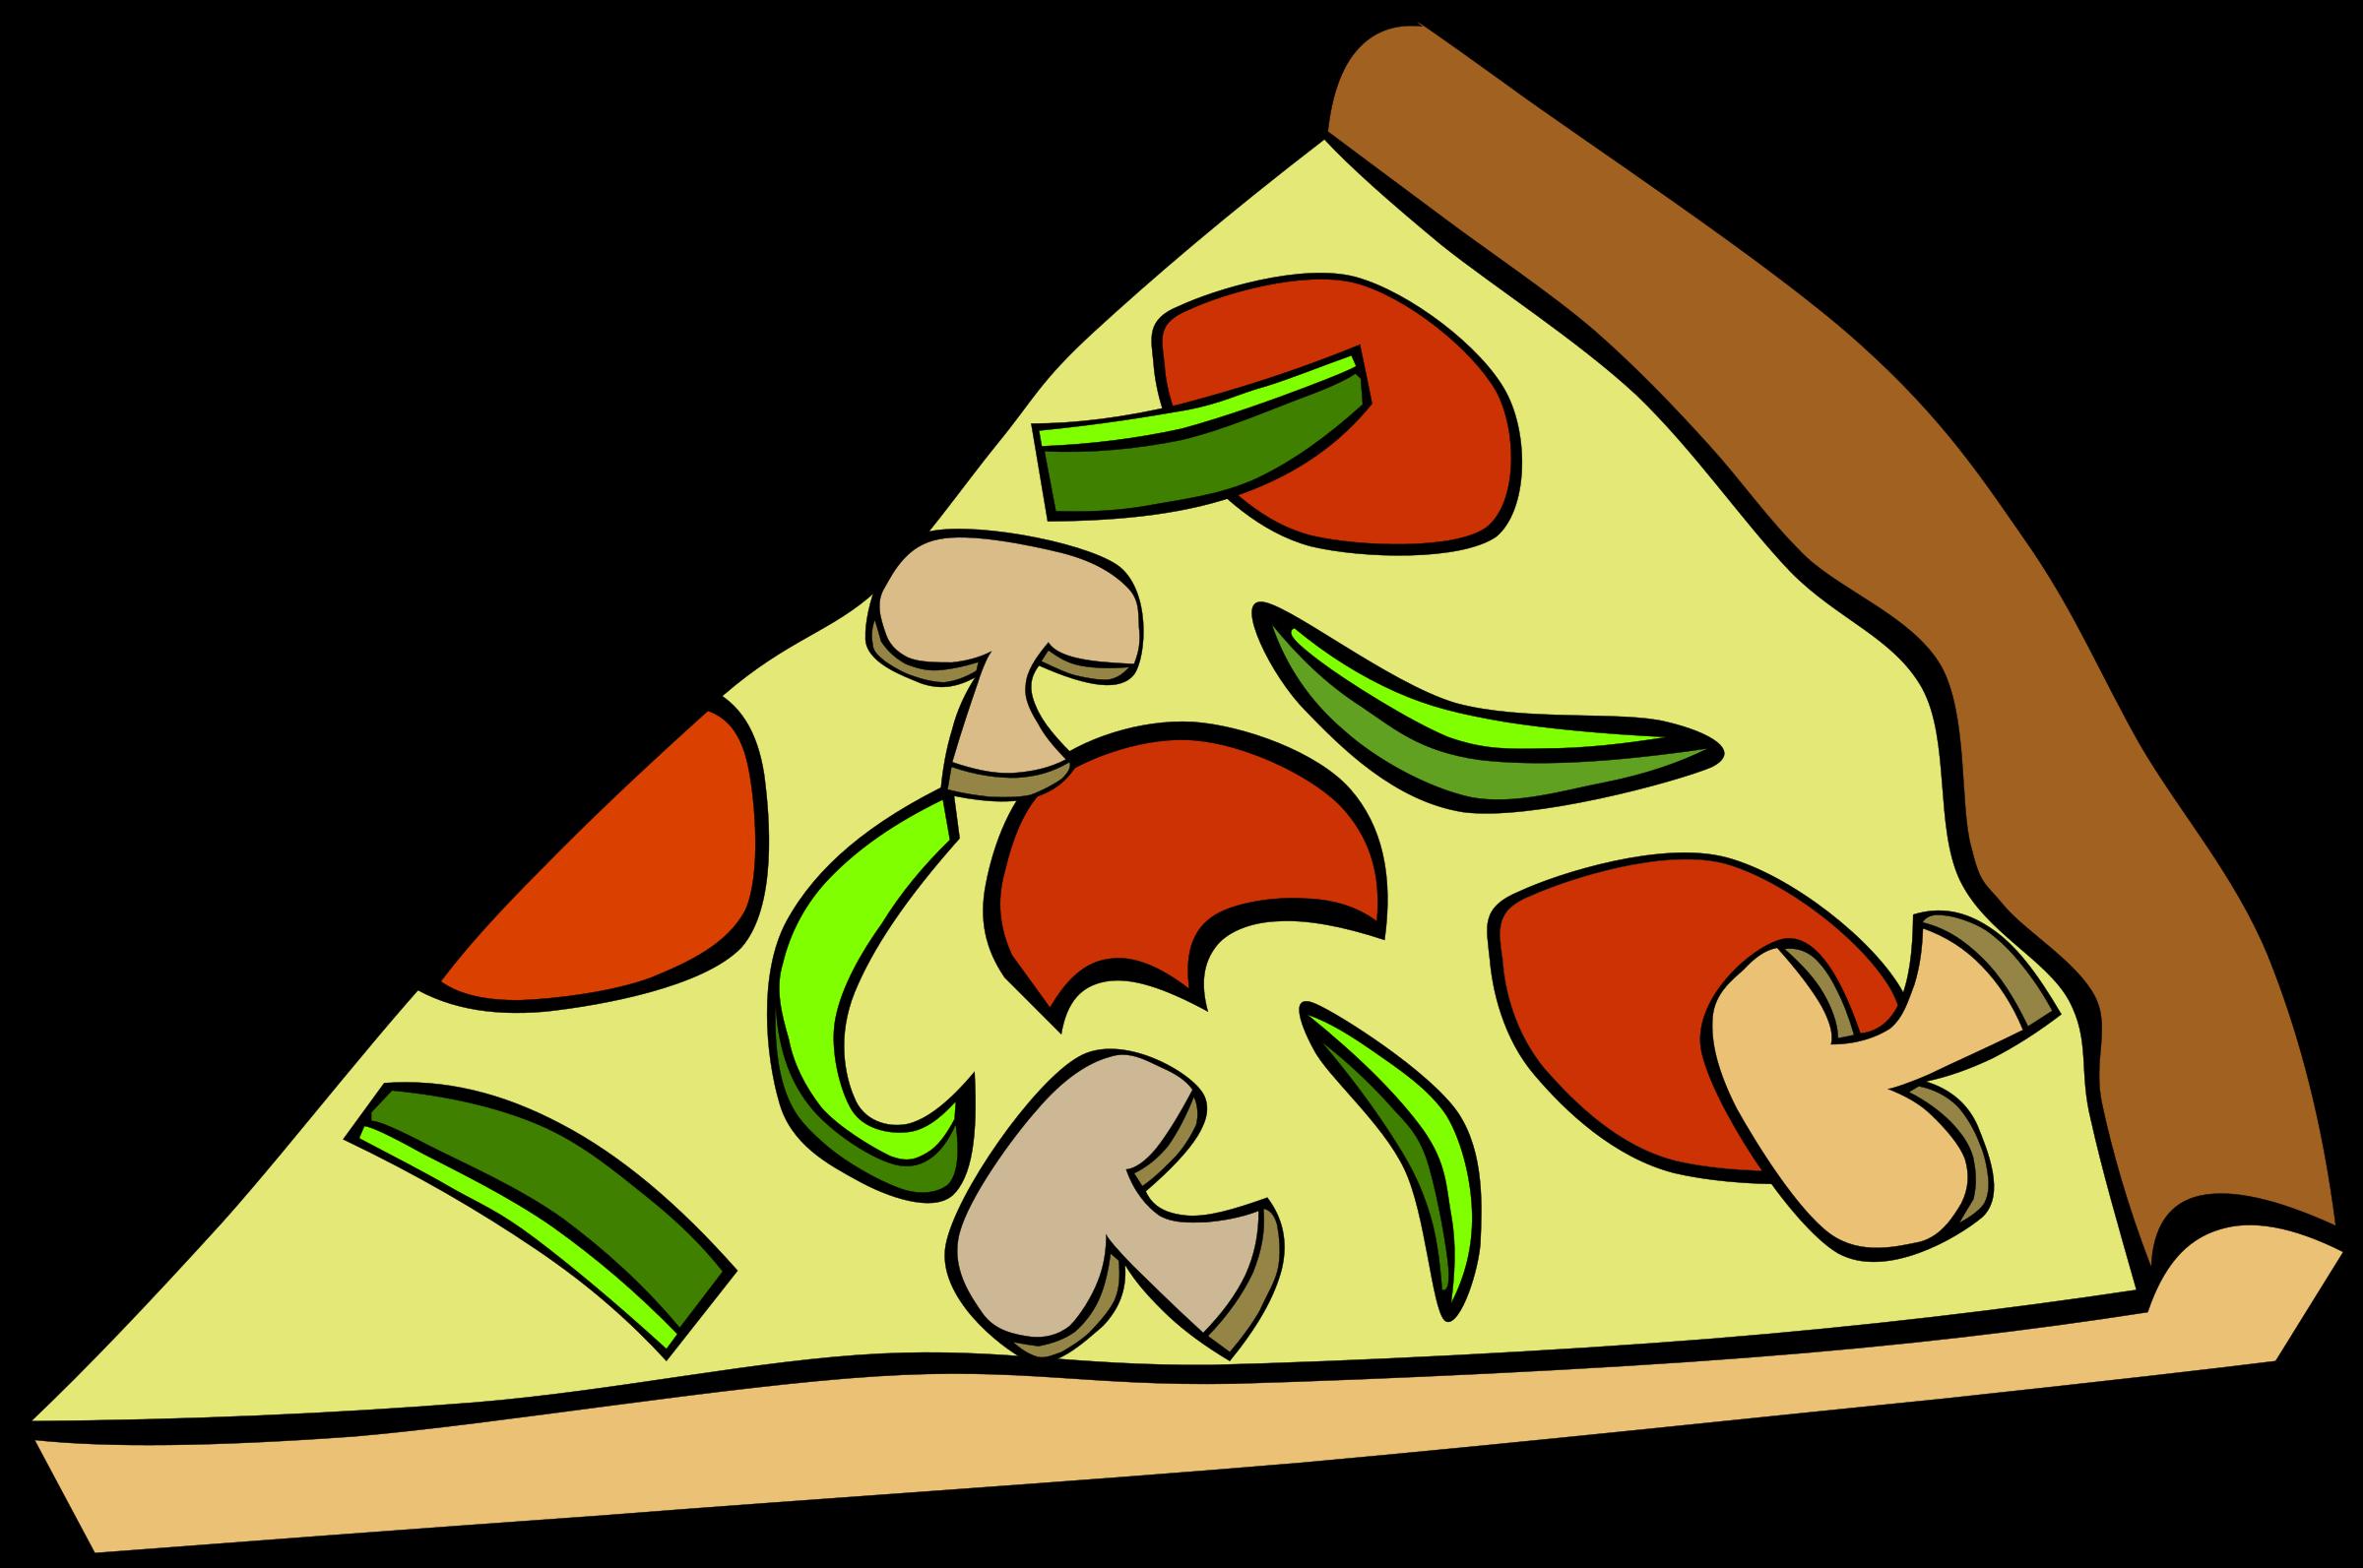 pepperoni pizza slice clip art clipart panda free clipart images rh clipartpanda com  pepperoni pizza slice clipart